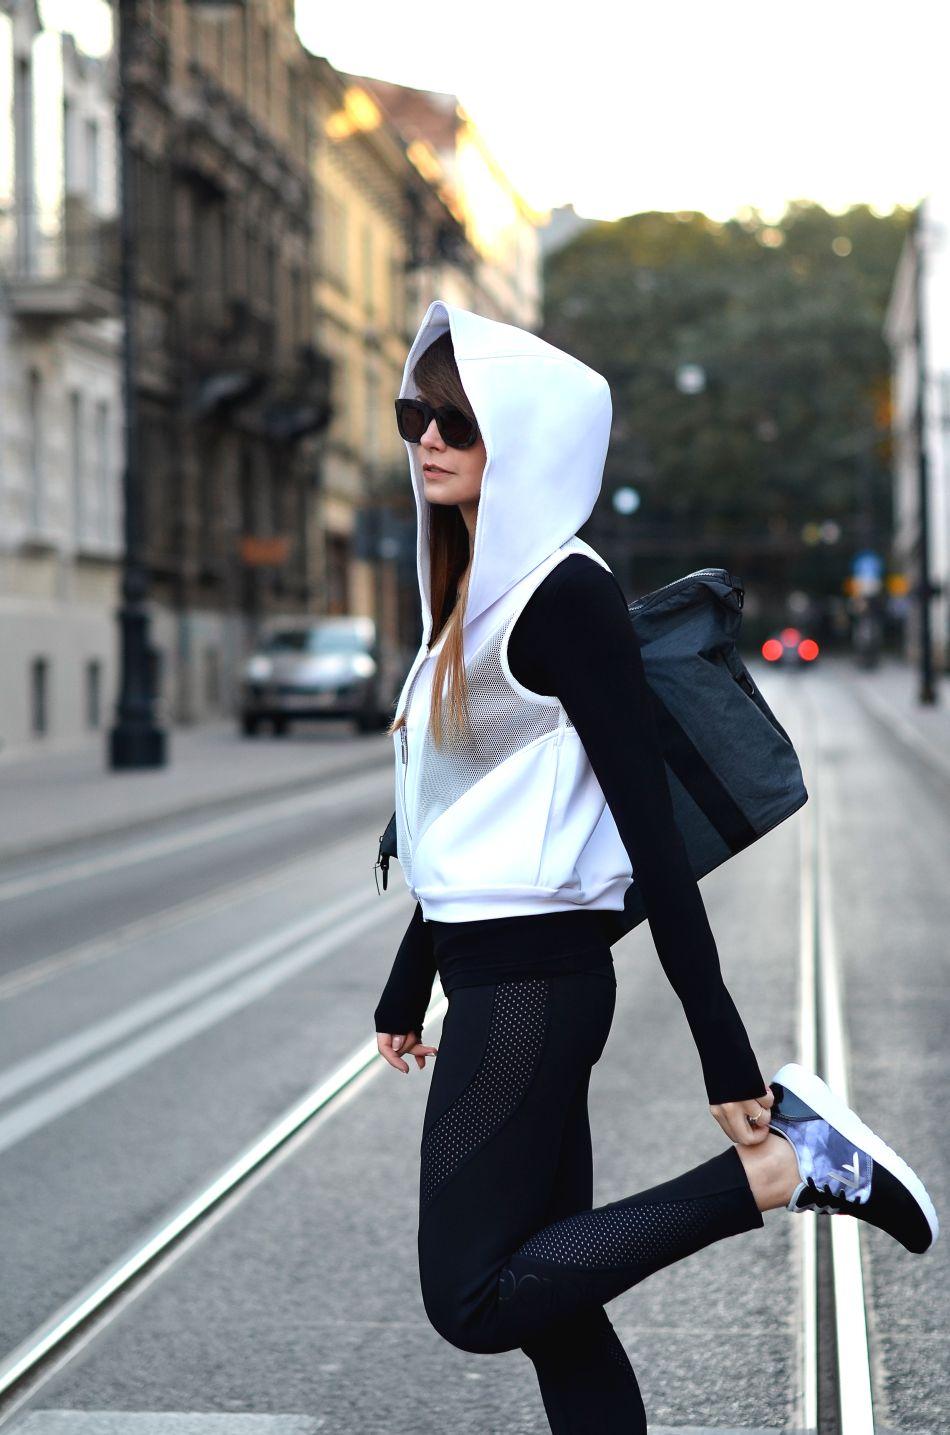 jak sie ubrac na silownie | ubrania 4F | legginsy z pianki | torba sportowa na silownie | motywacja do cwiczen | jak nie stracic motywacji | kolekcja ranity sobanskiej | blogerka krakow | blogi o modzie